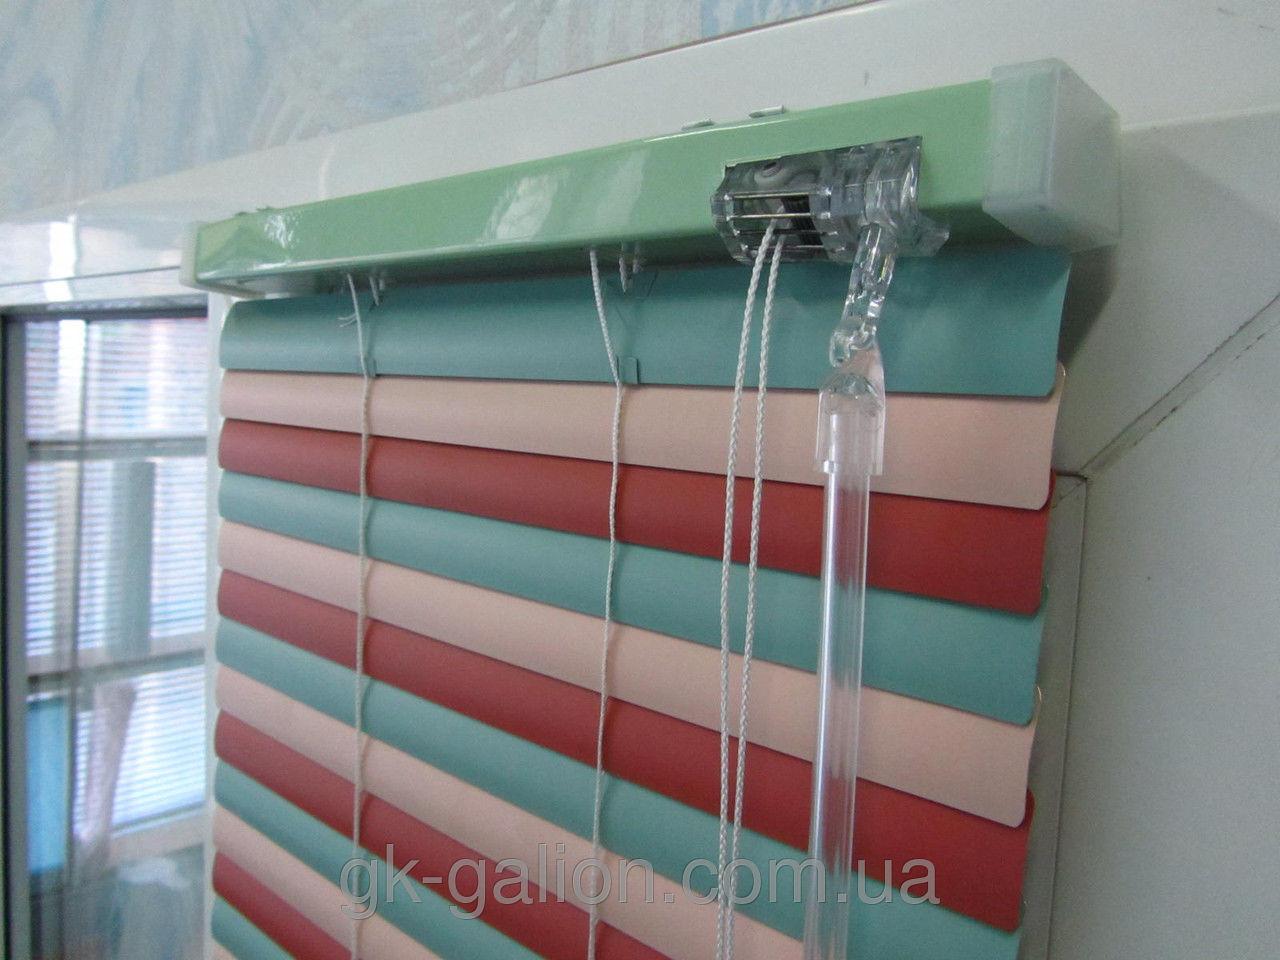 Жалюзи горизонтальные металлические Люкс (белые, цветные)